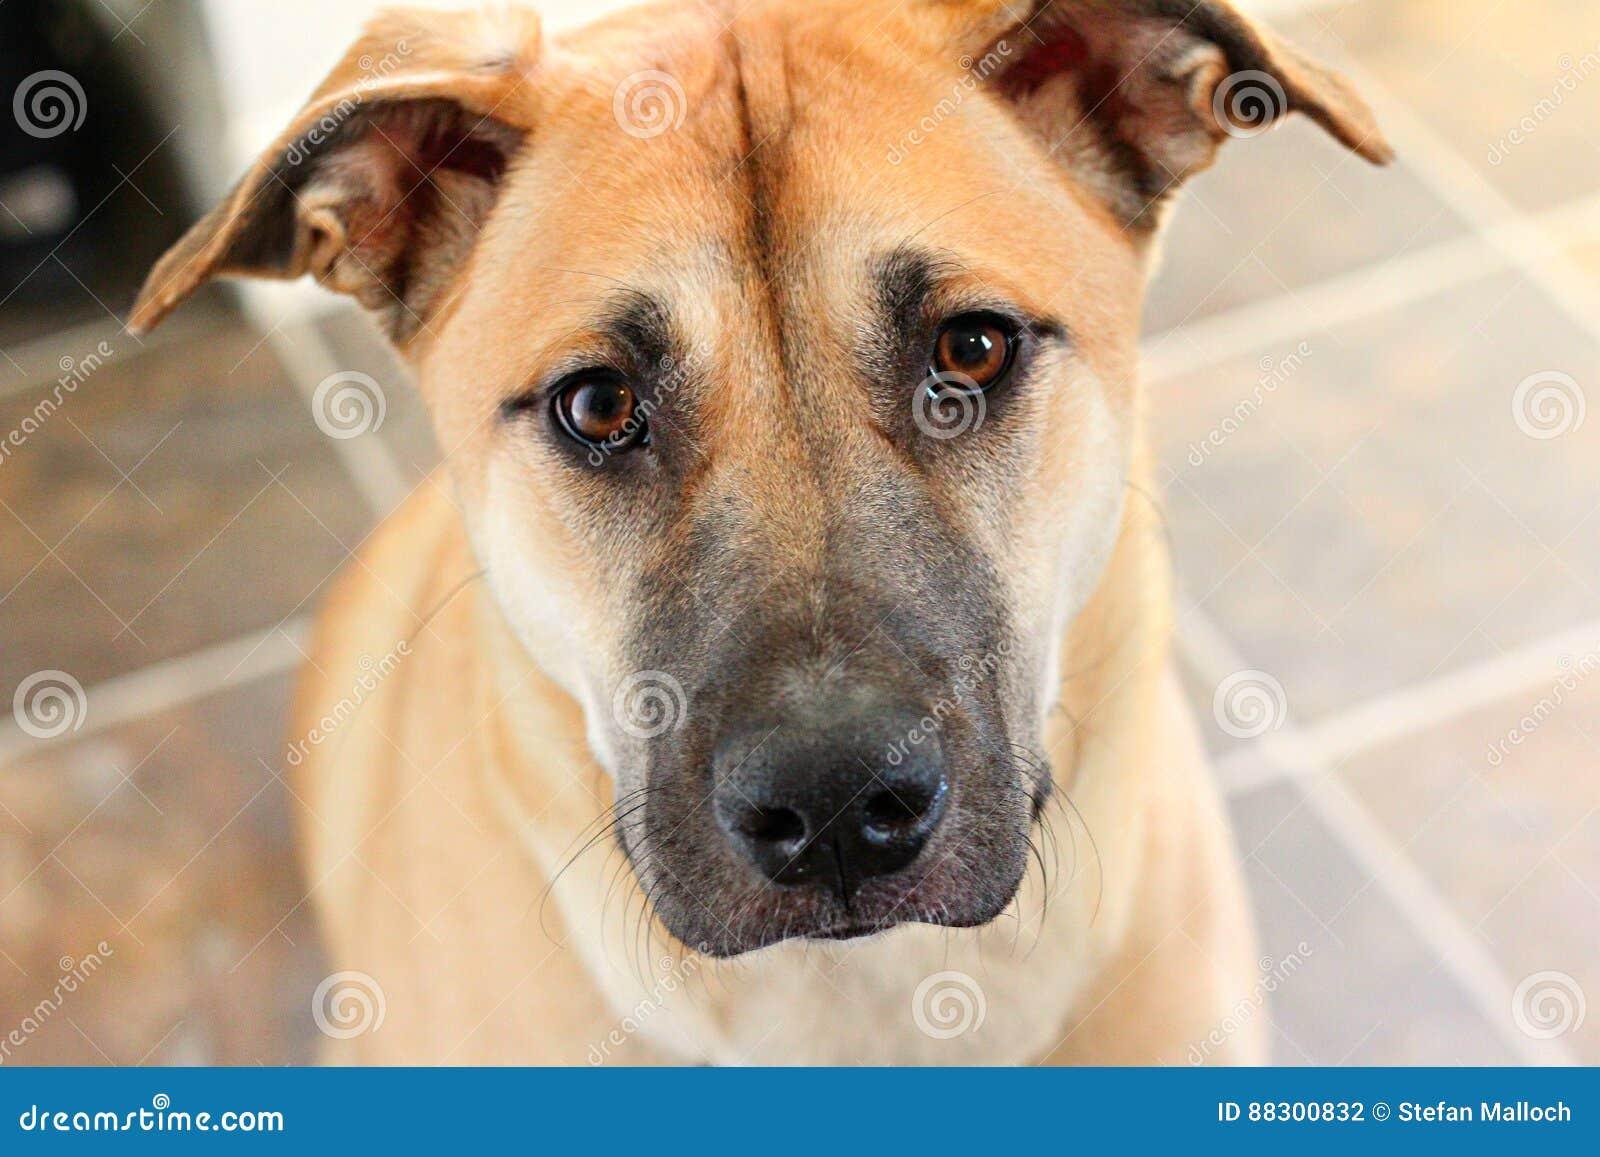 Cute Puppy Dog Eyes Stock Photo Image Of House Eyes 88300832